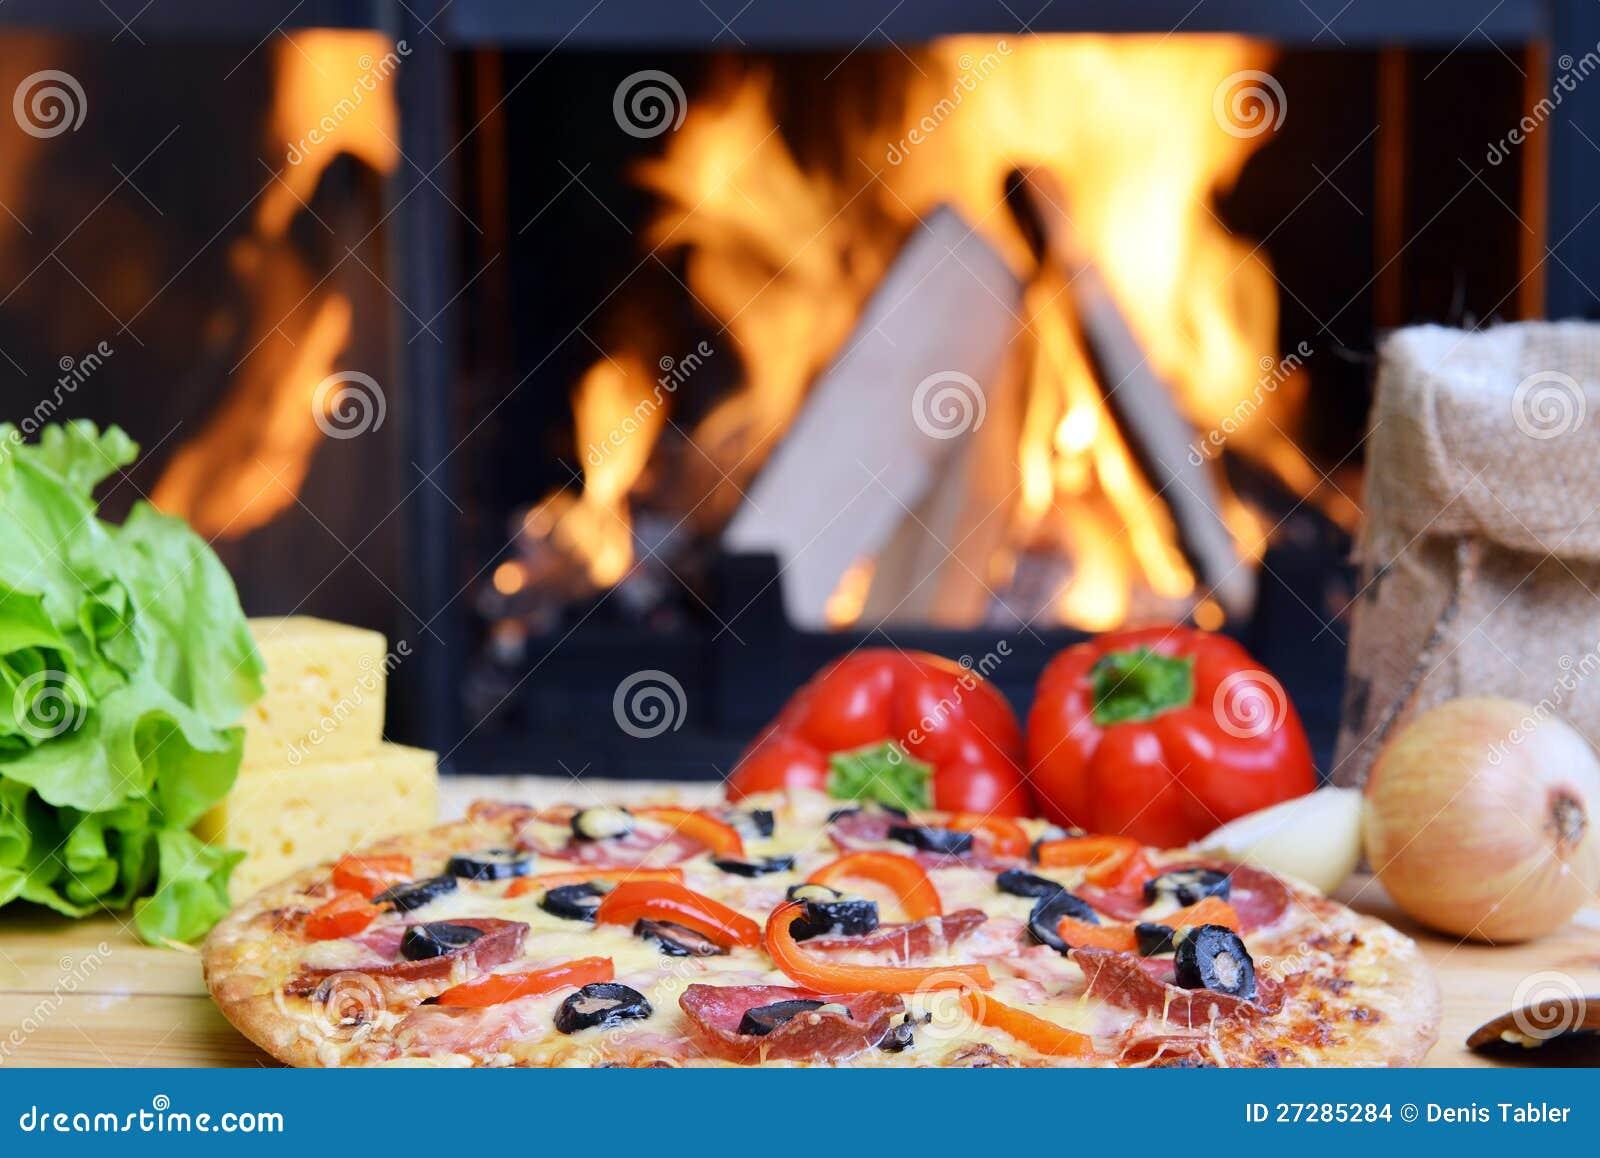 Smaklig pizza